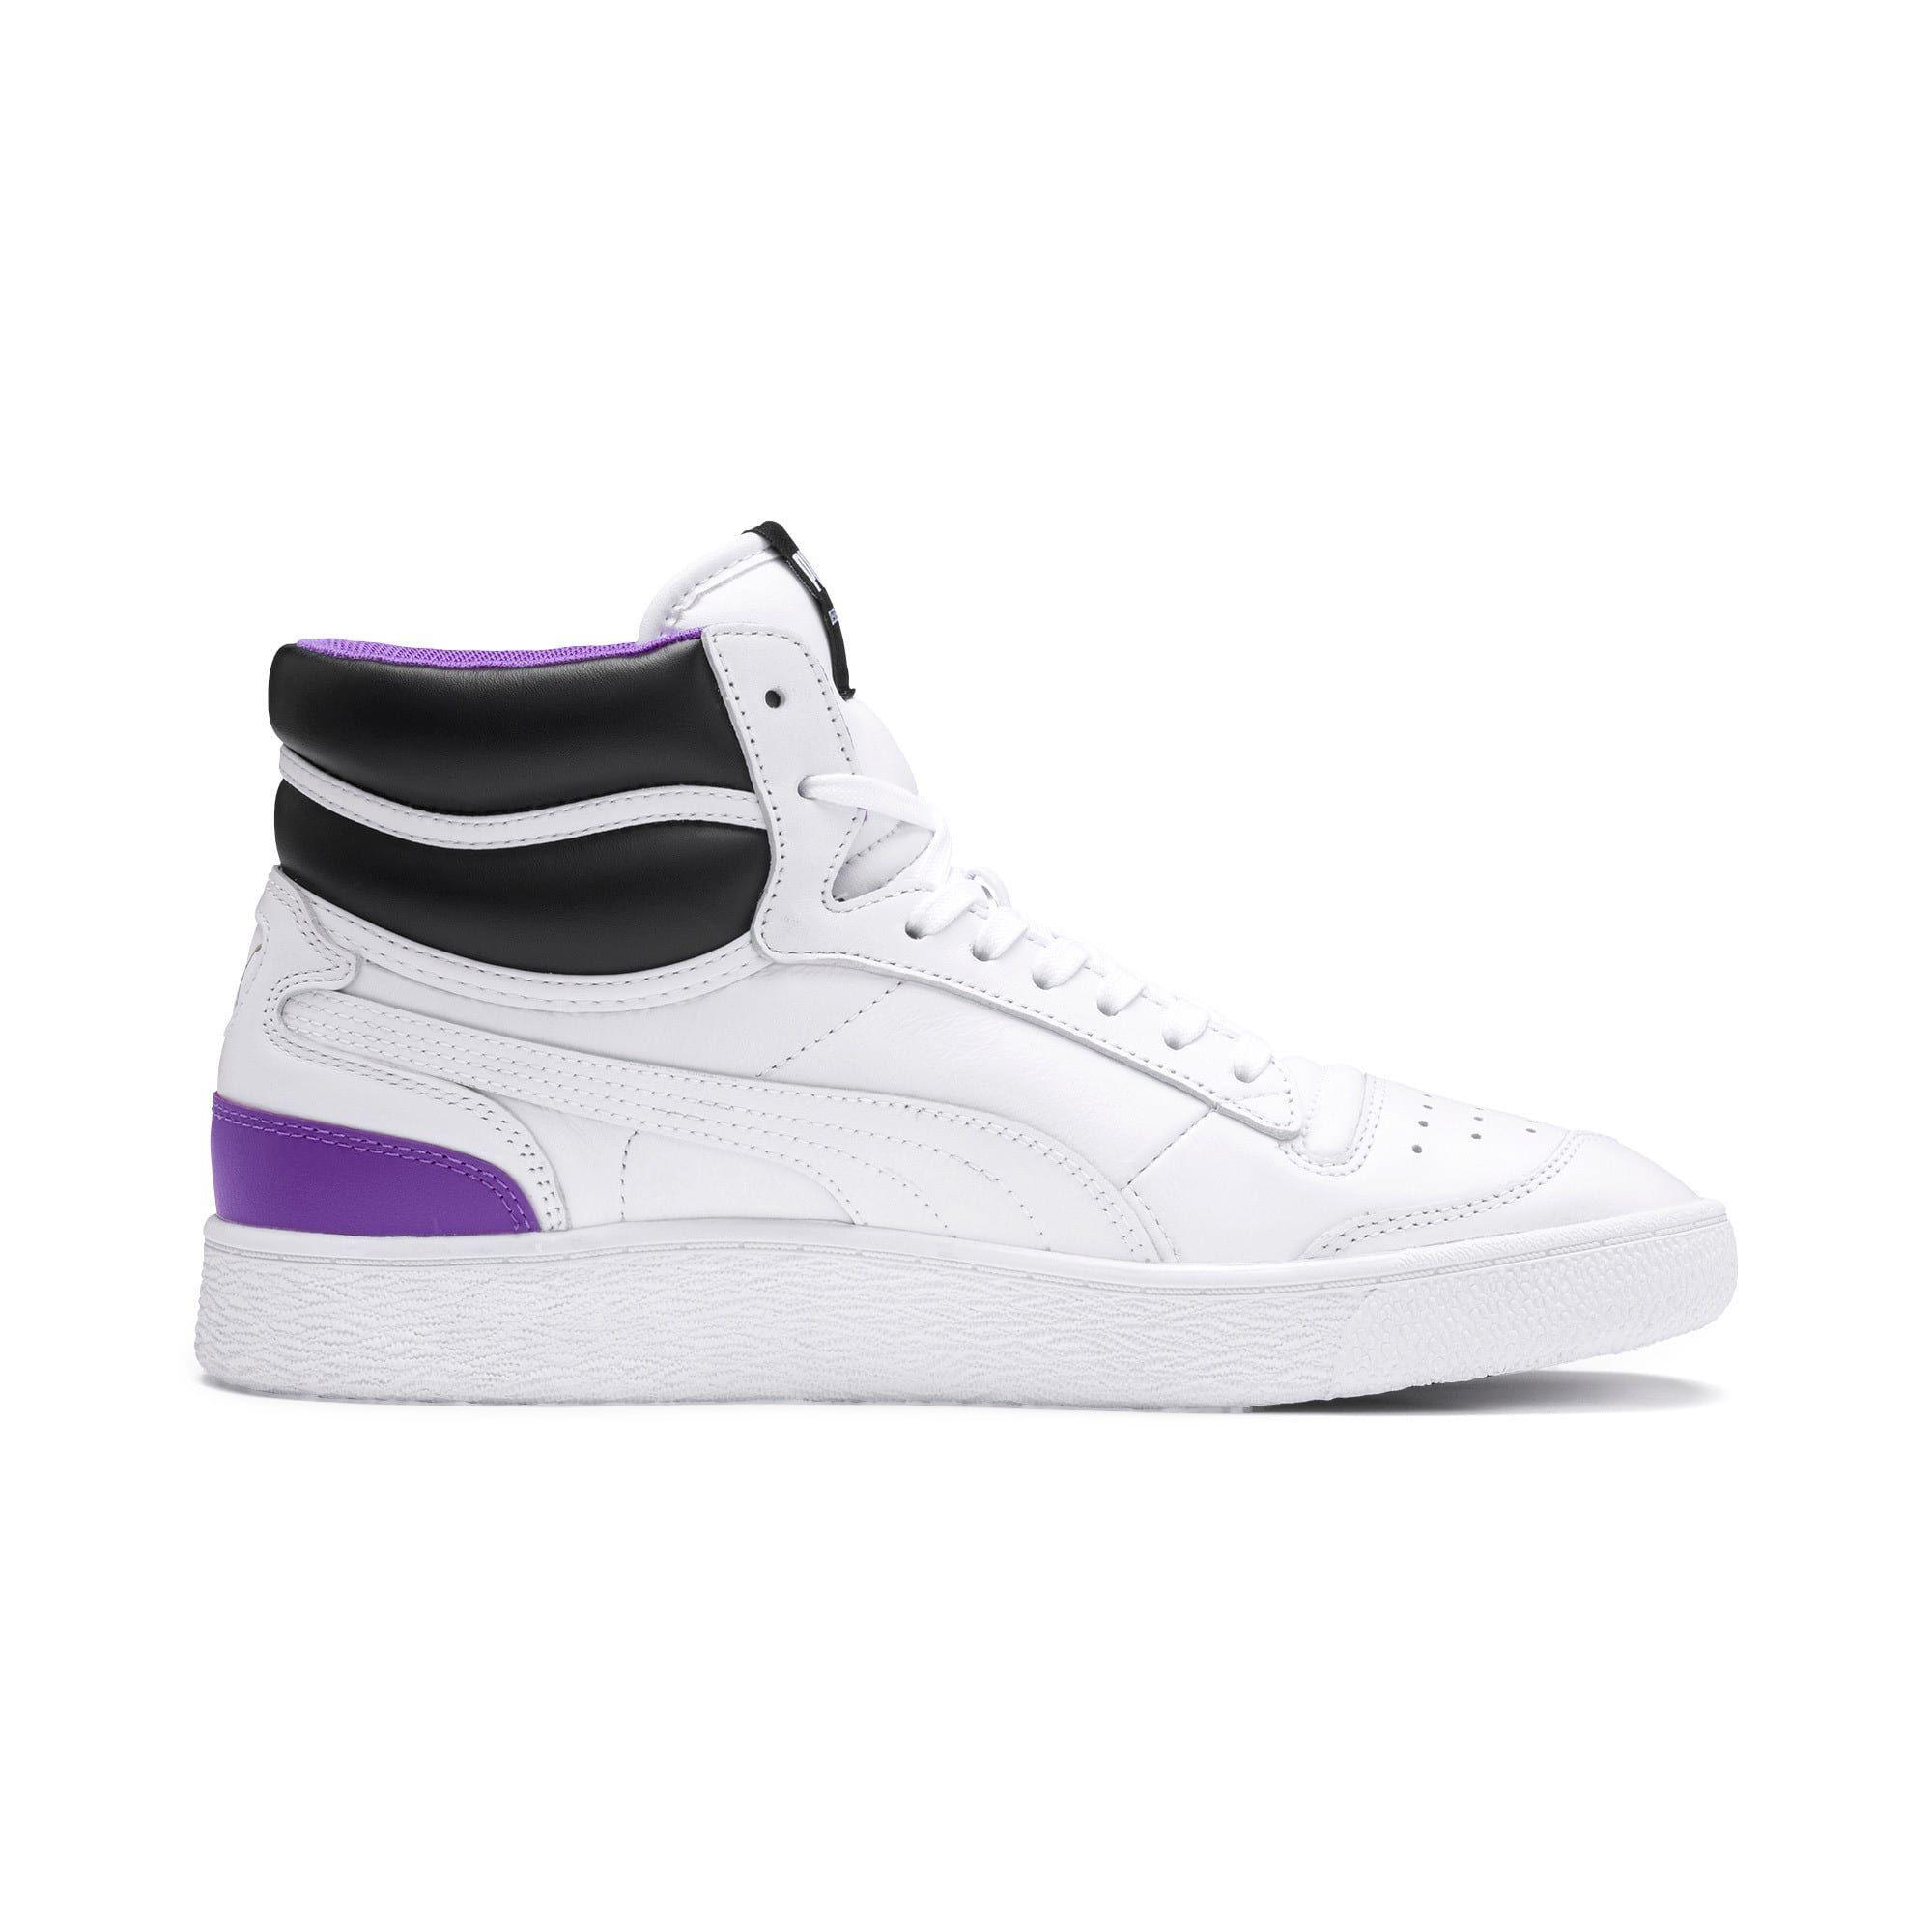 Photo of Ralph Sampson Mid Zapatillas deportivas | PWhite-PWhite-Purple Glimmer | PUMA Destacado | PUMA Reino Unido